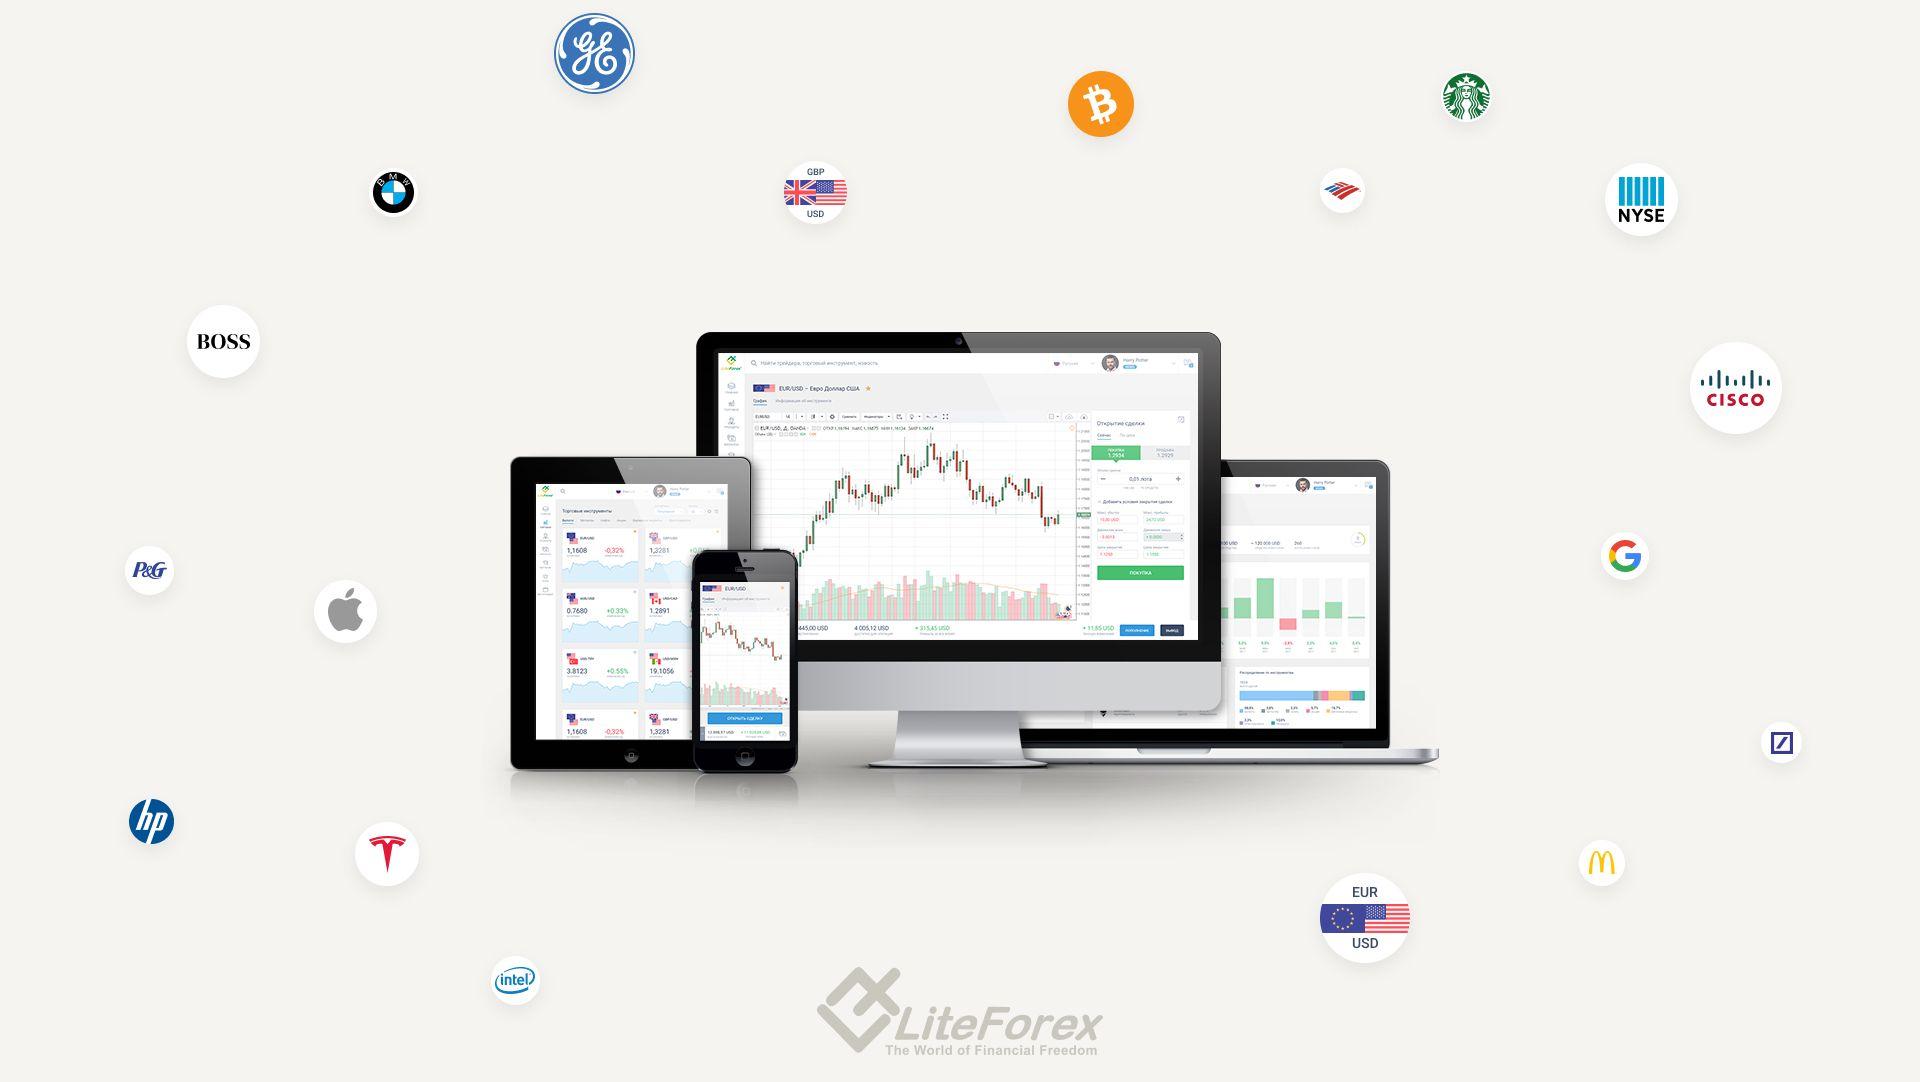 Uruchomiono nową przestrzeń klienta LiteForex